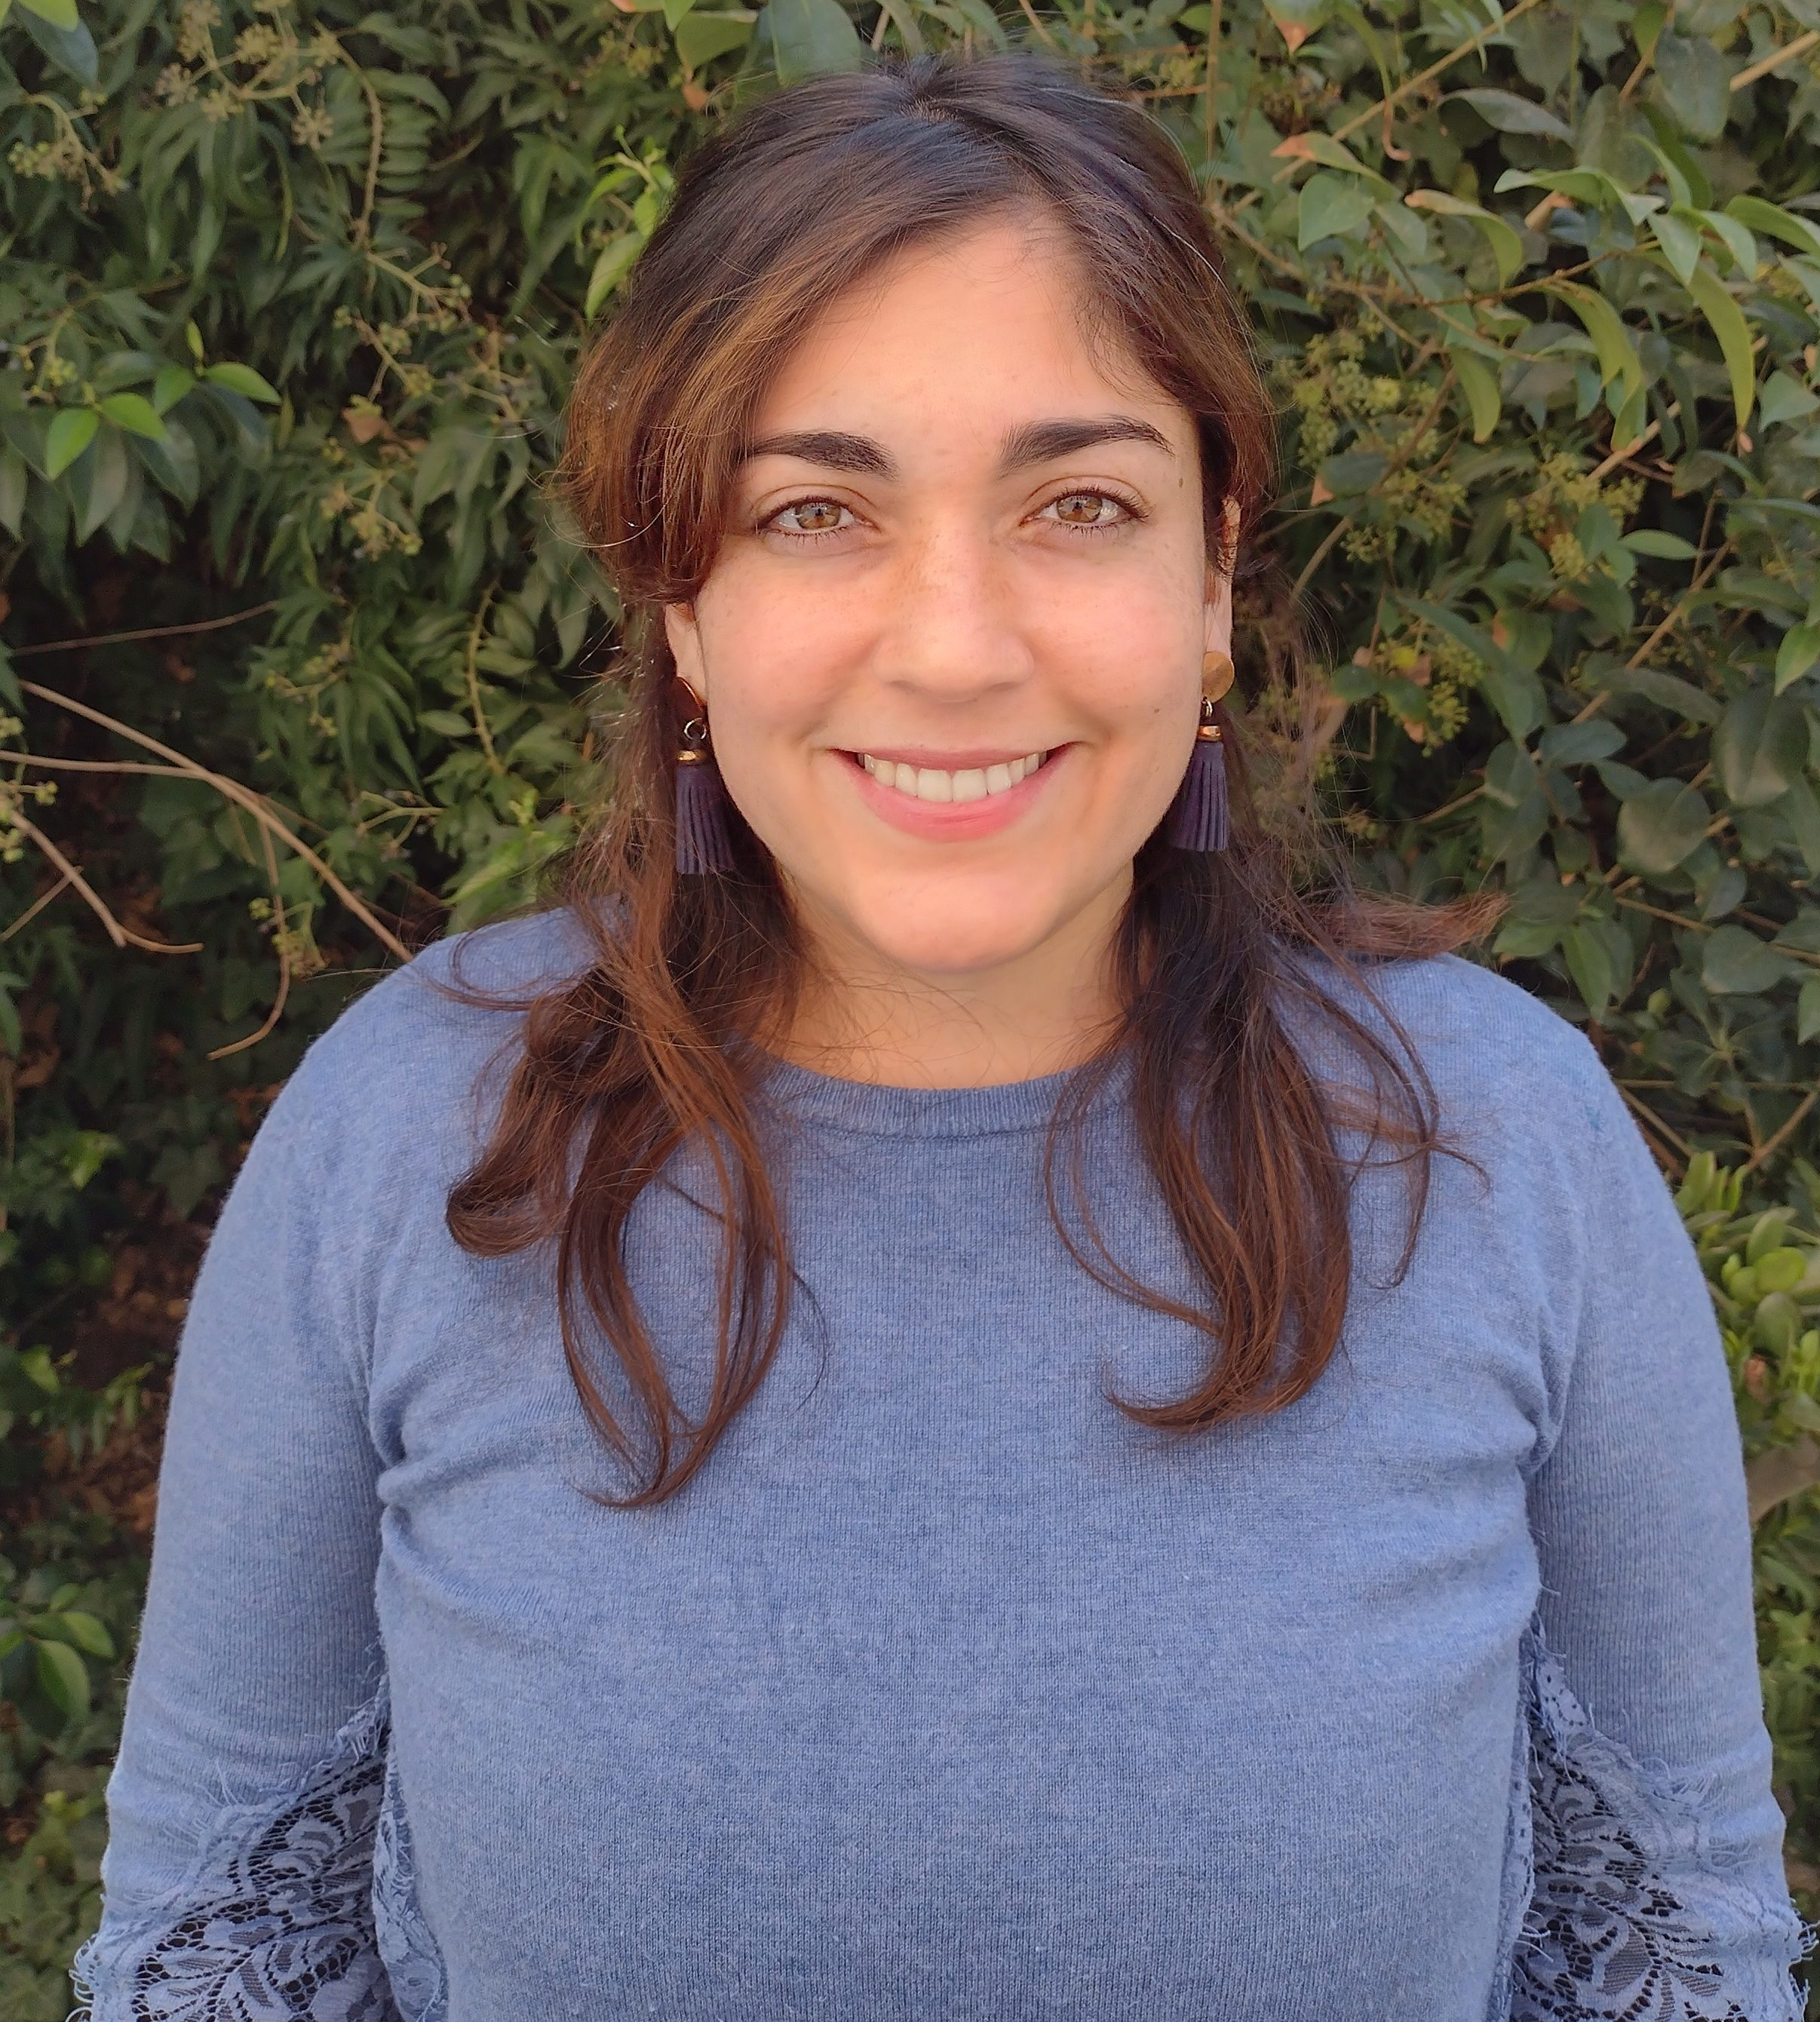 Nicole Marguirott